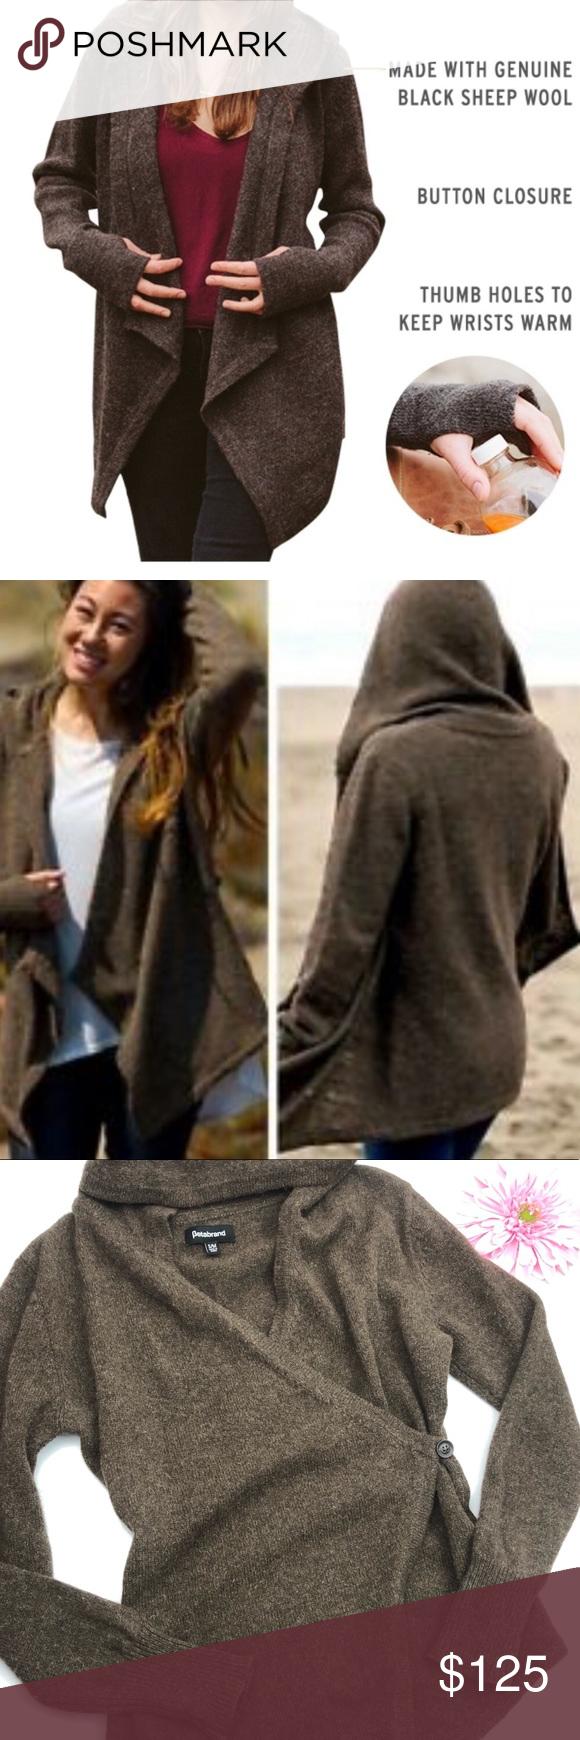 Betabrand Black Sheep Wrap Sweater Cardigan: Brown | Wrap